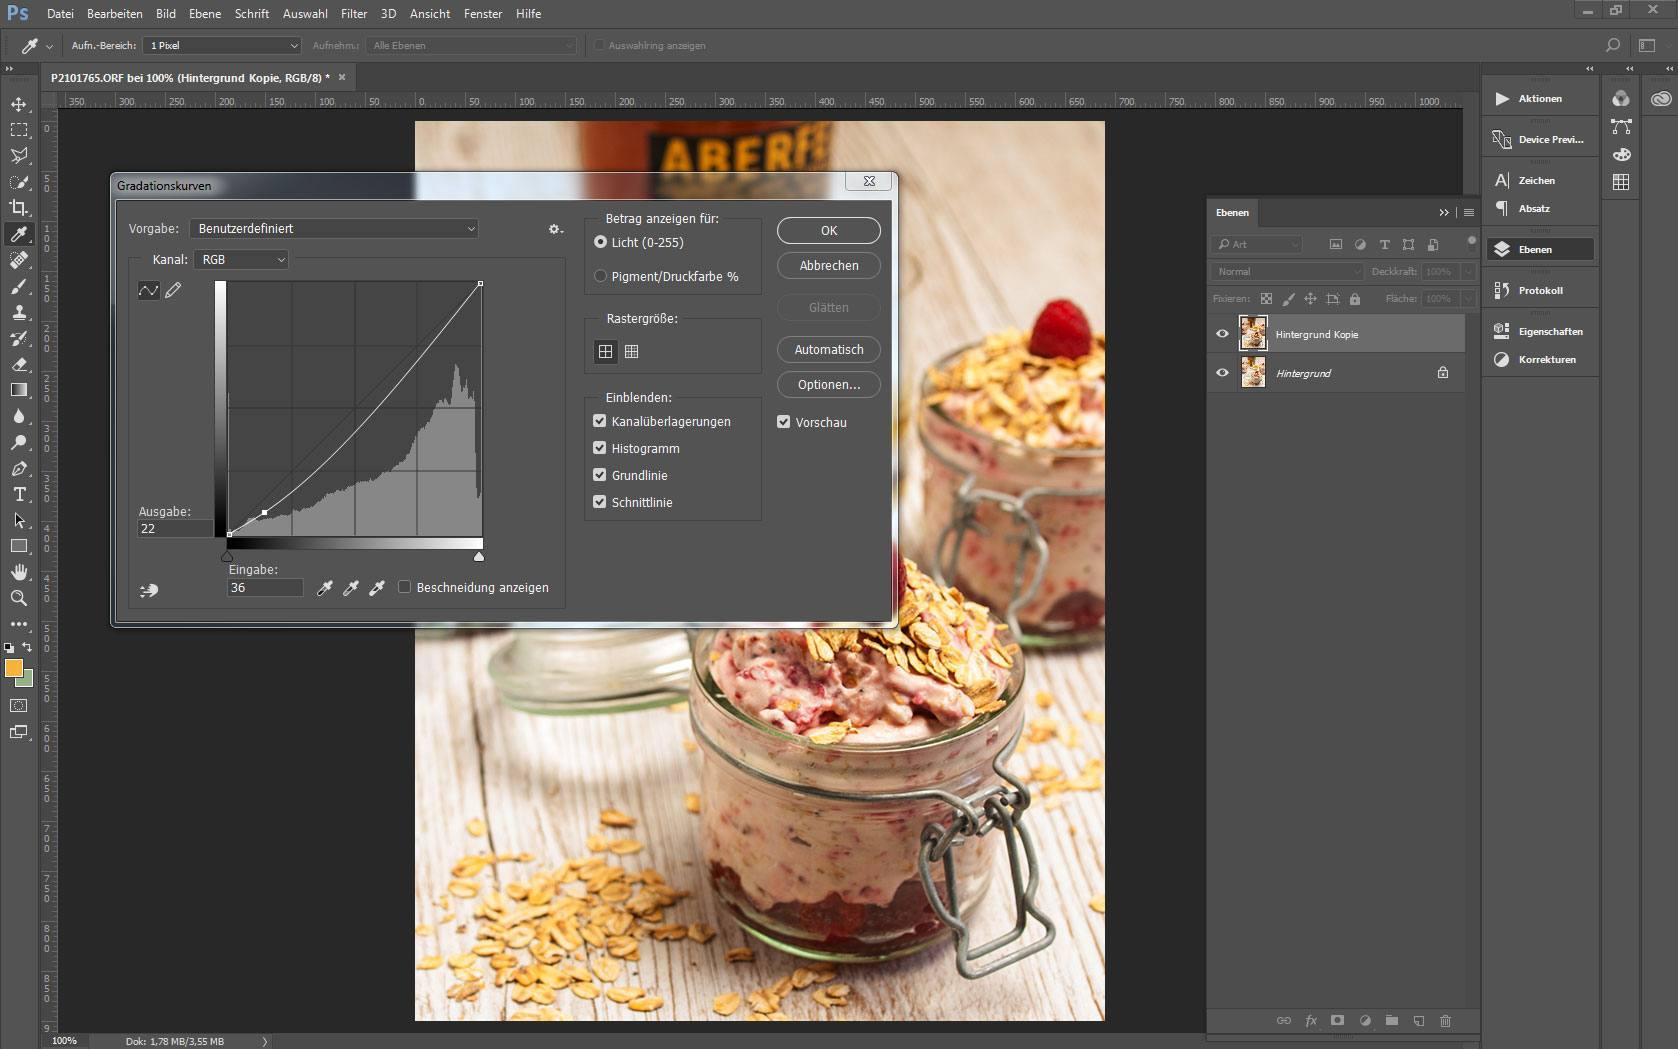 Ansicht eines Bildes in Adobe Photoshop mit geöffneten Dialogfenster Gradiationskurve